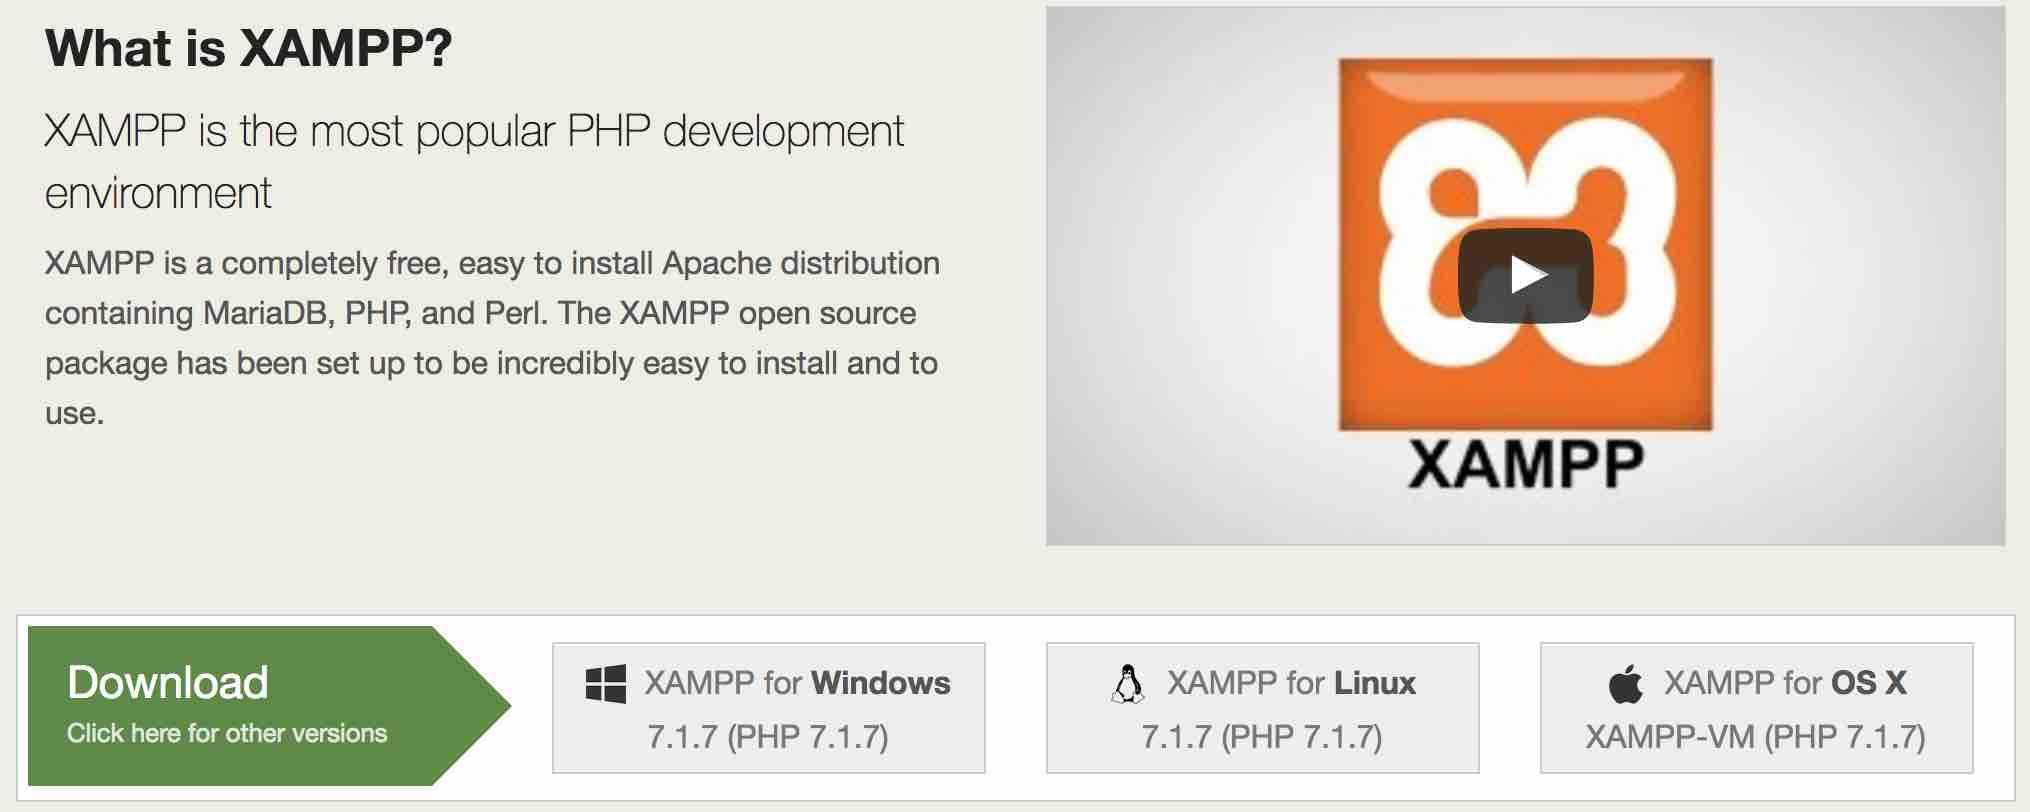 Cách tải và cài đặt phần mềm XAMPP dể tạo Webserver, Localhost